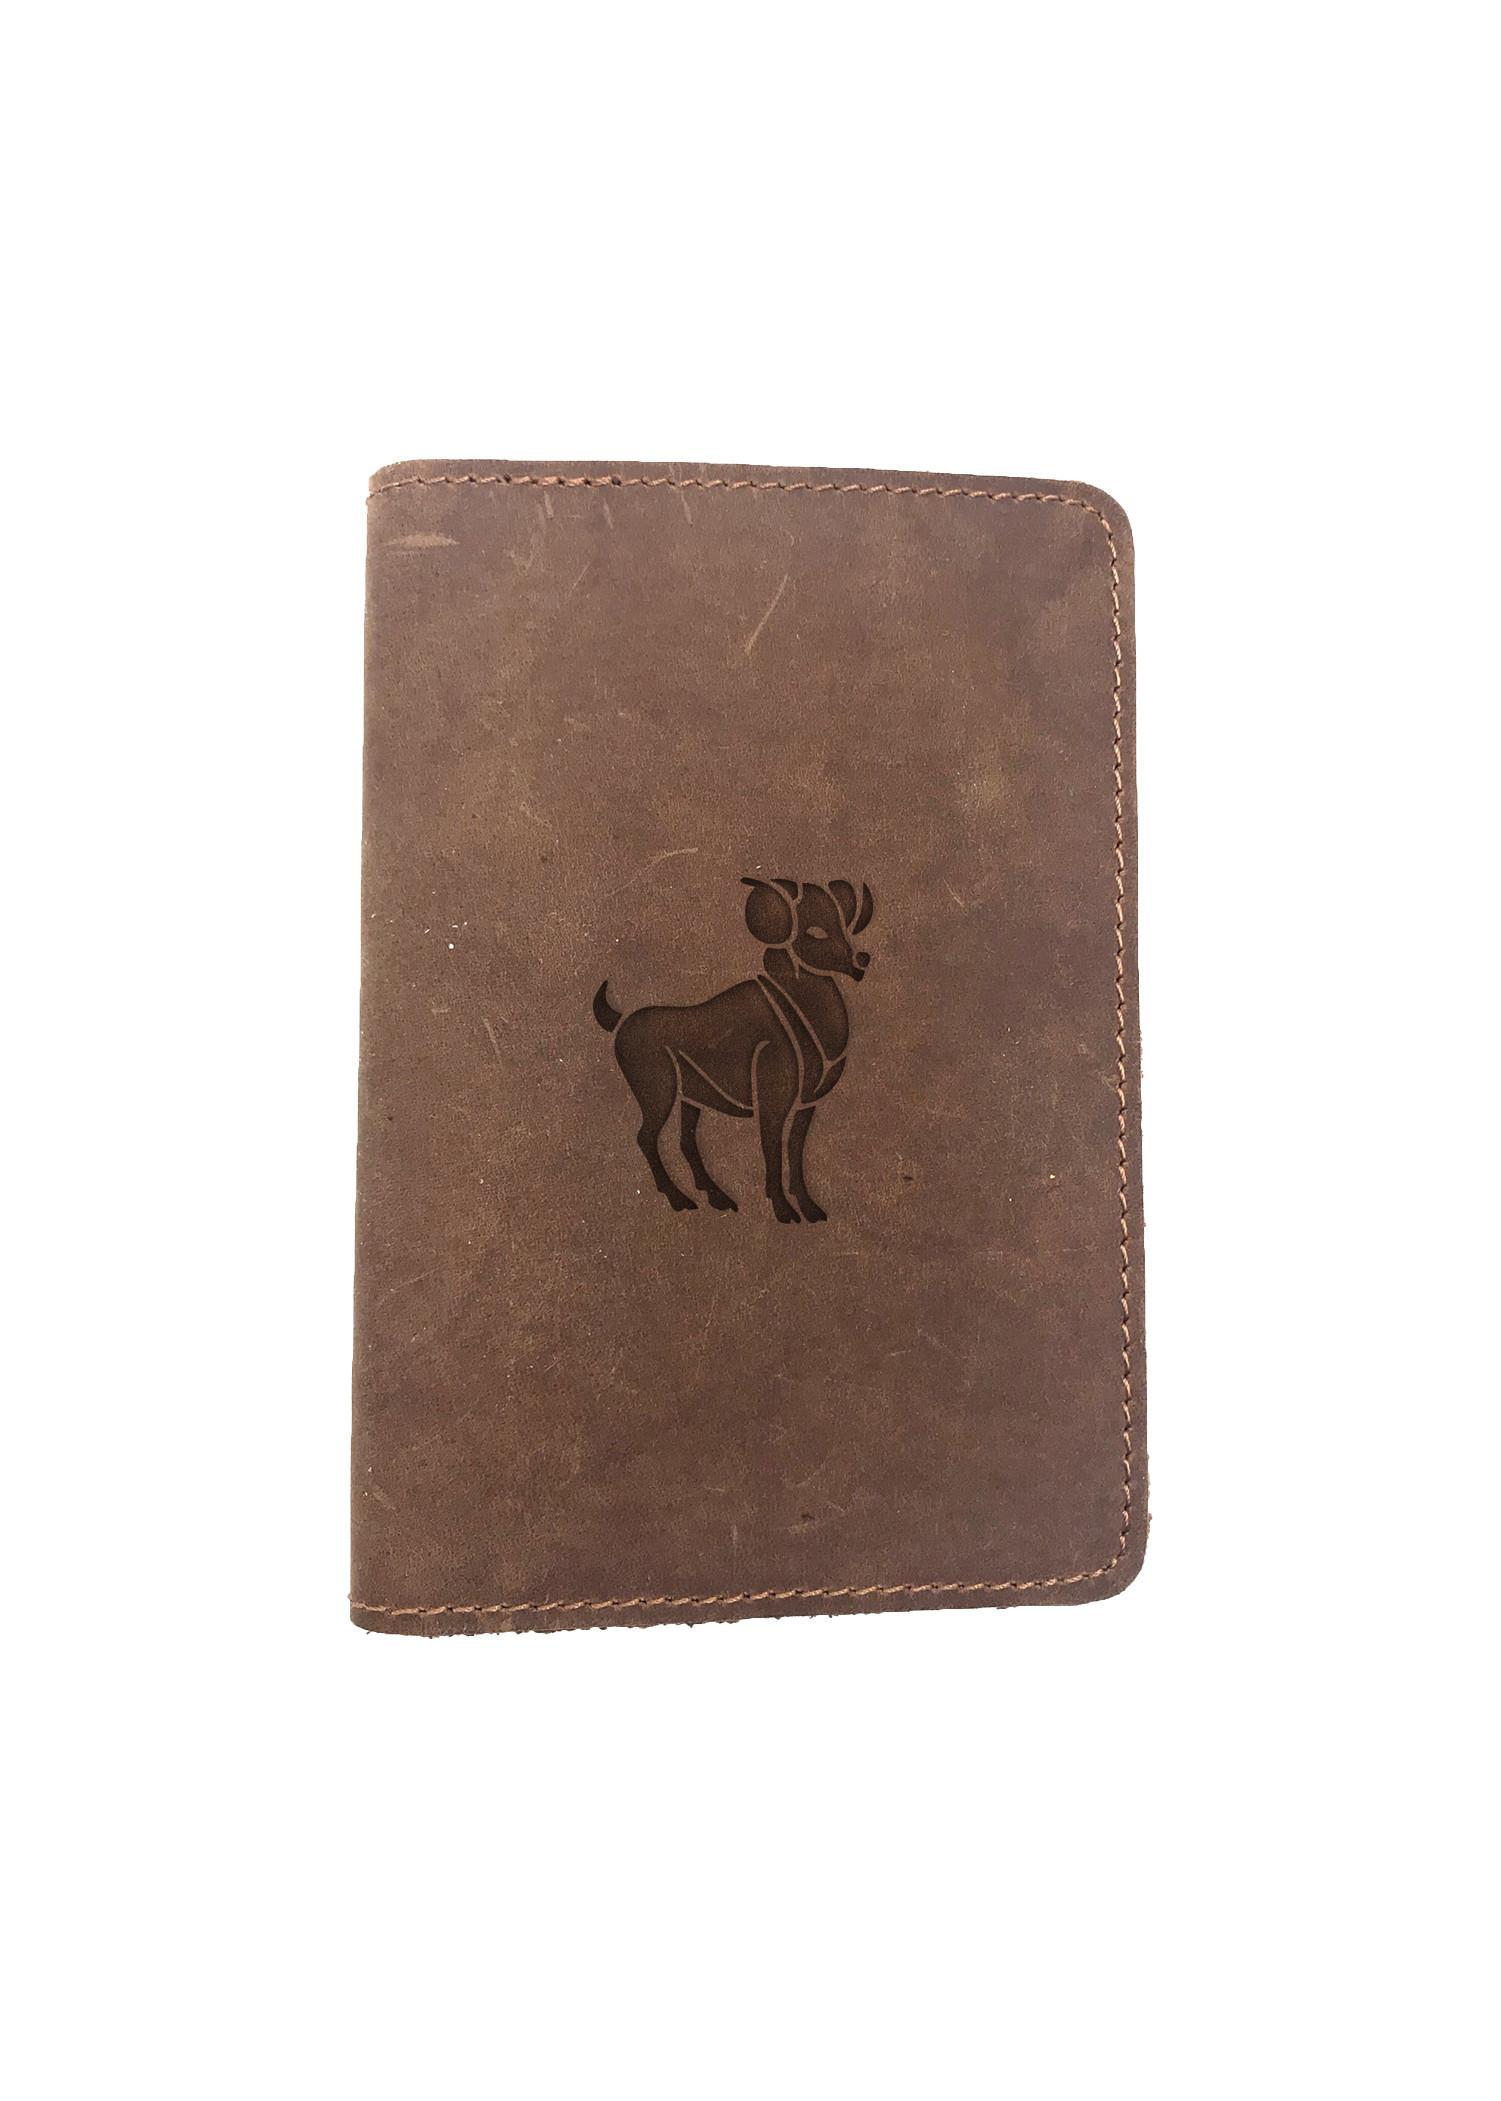 Passport Cover Bao Da Hộ Chiếu Da Sáp Khắc Hình Chó ARIES (BROWN)